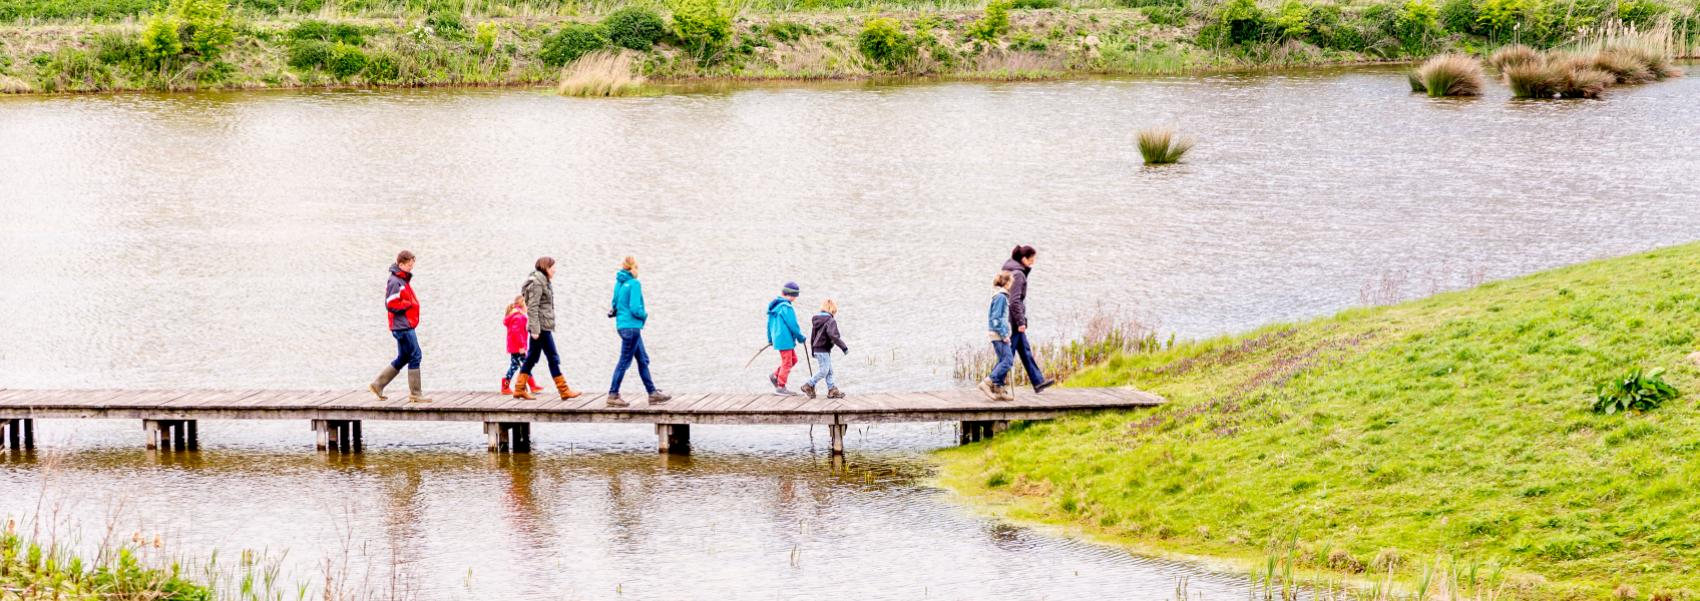 groep mensen wandelend op de steiger